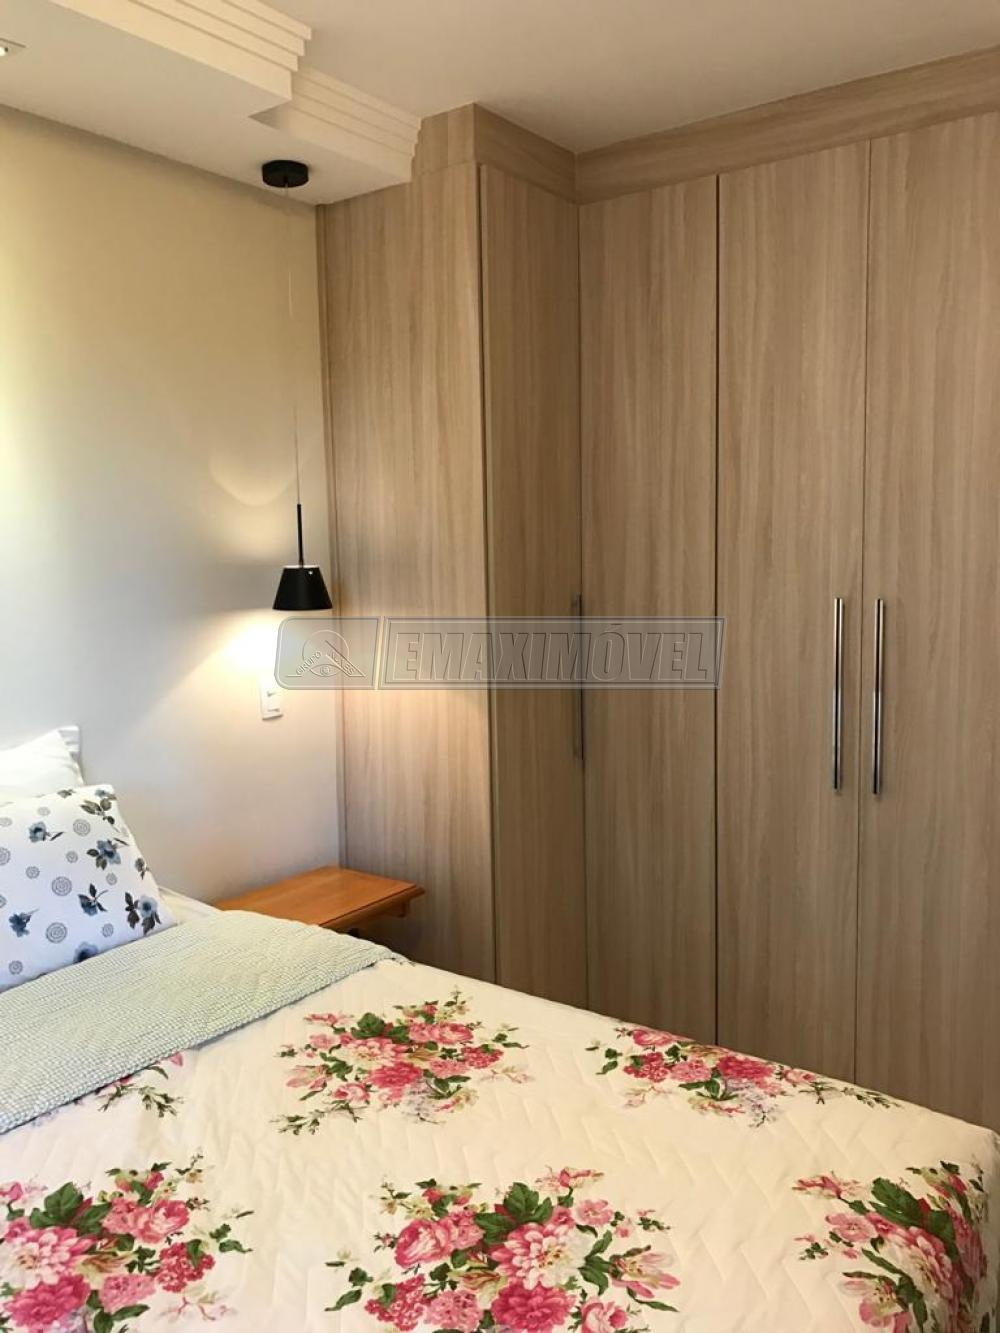 Comprar Apartamentos / Apto Padrão em Sorocaba apenas R$ 225.000,00 - Foto 11